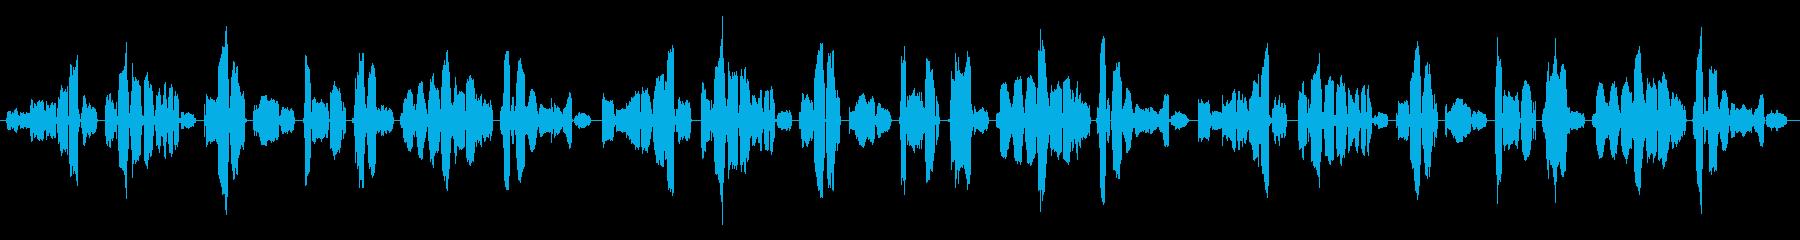 アメリカ人の女性セミプロ歌手がABCソ…の再生済みの波形